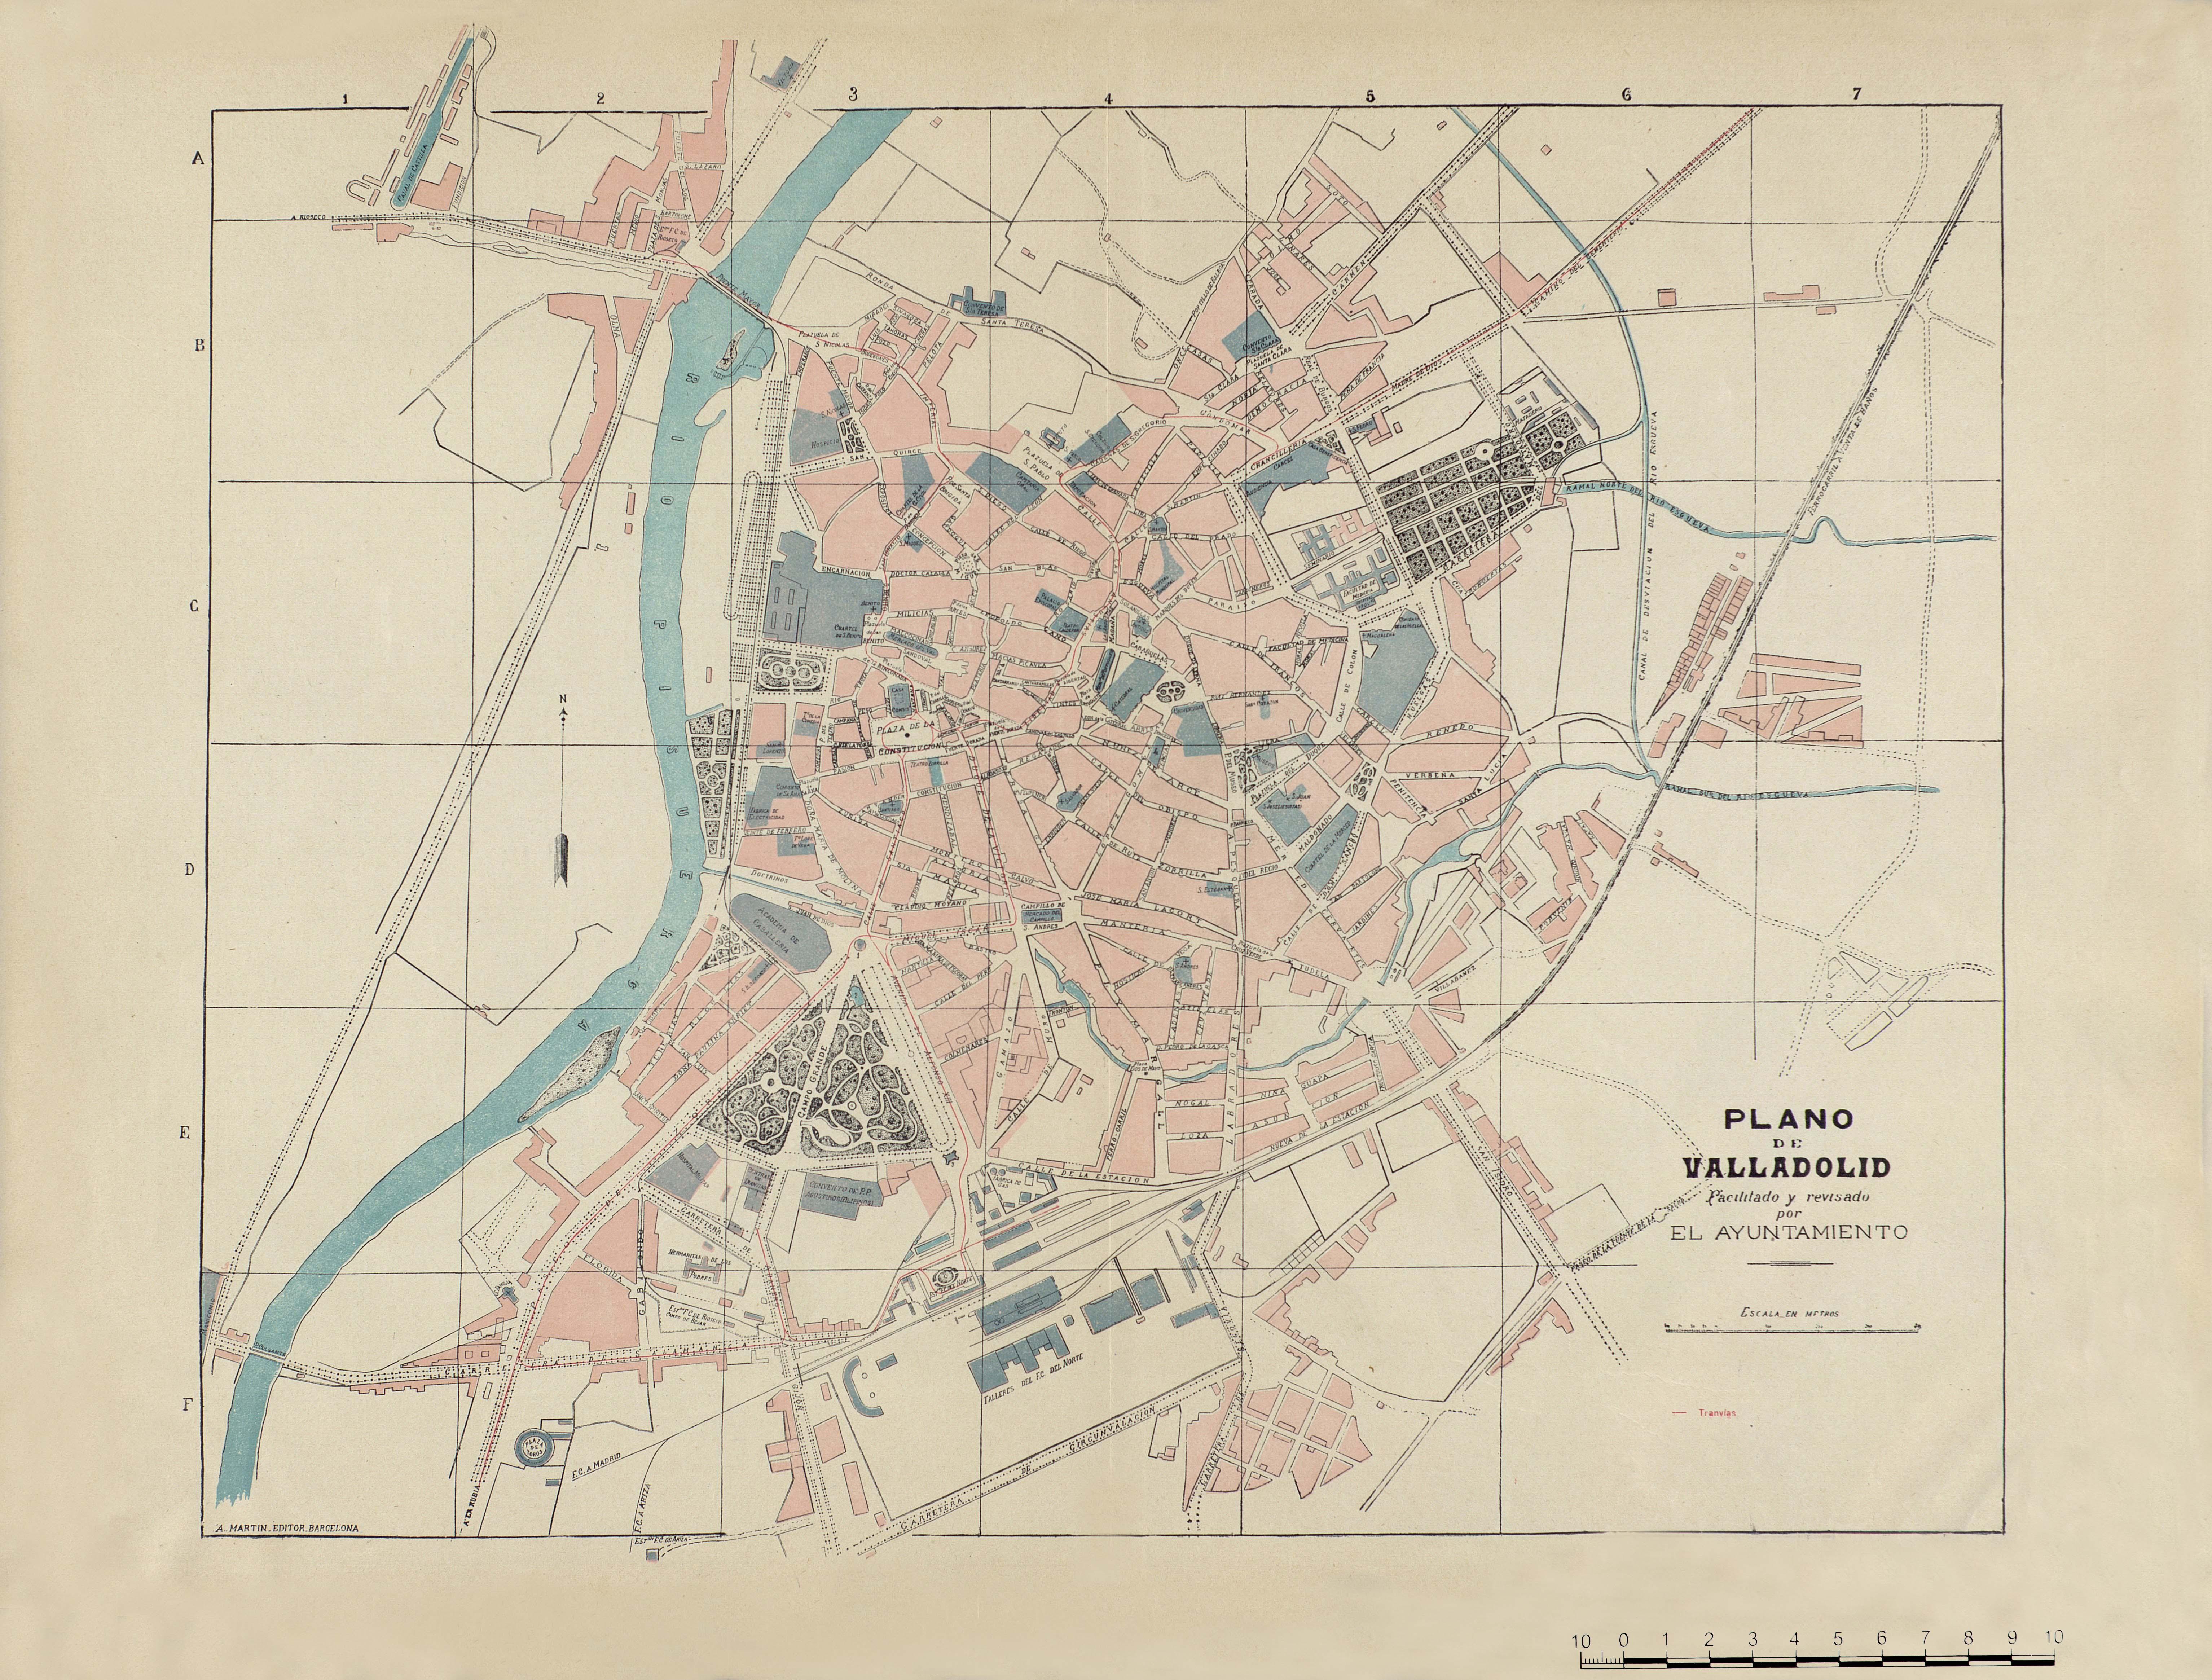 Plano de Valladolid